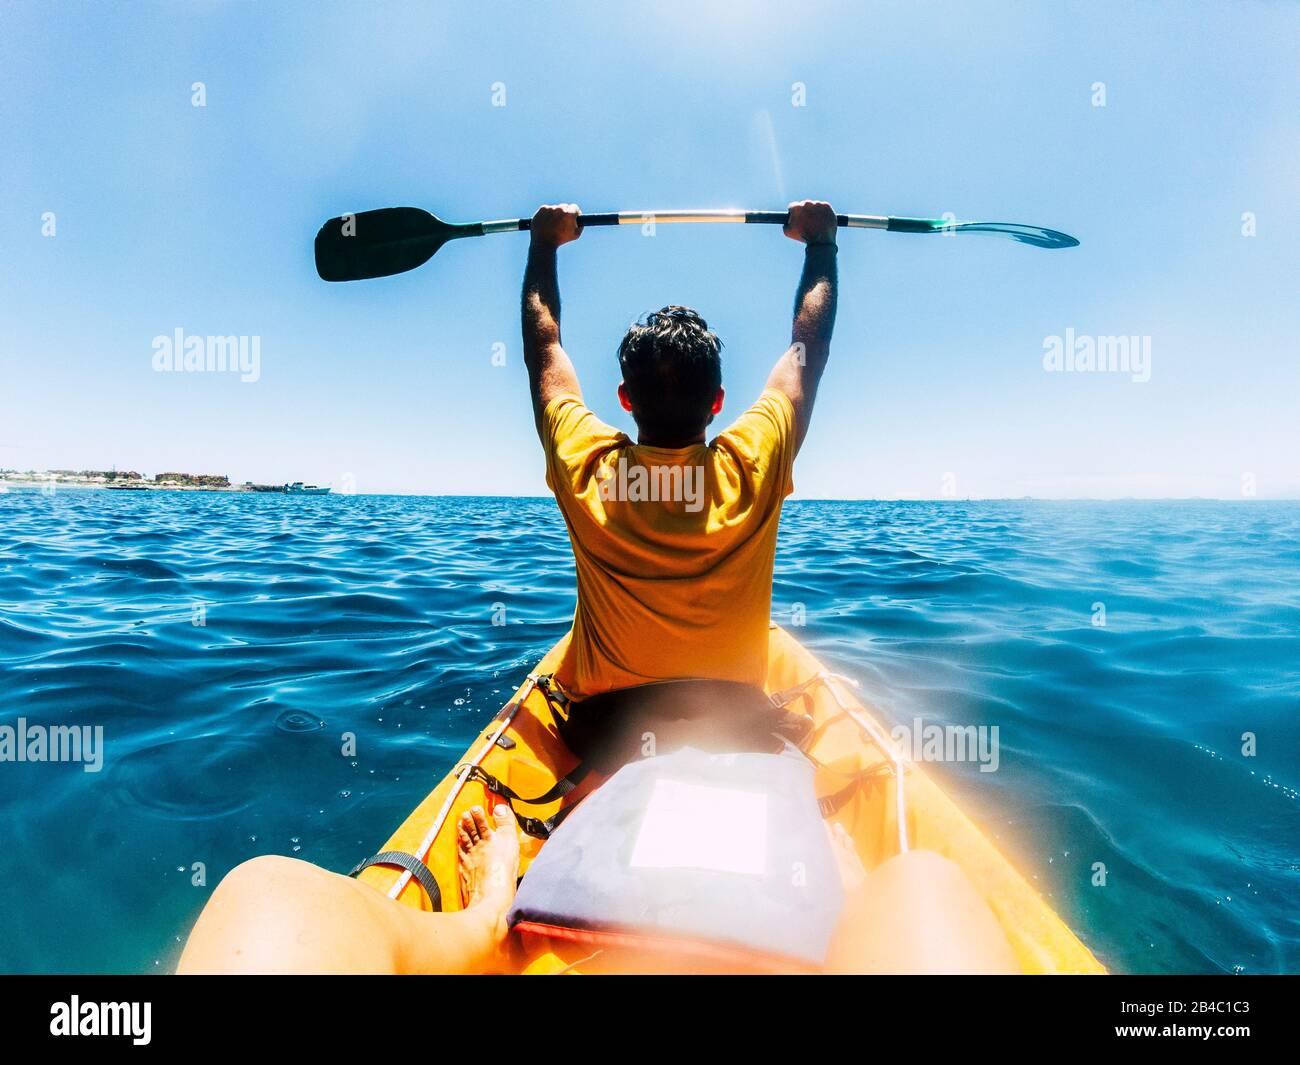 Viajar y disfrutar del estilo de vida de la gente en vacaciones de verano disfrutando de una excursión con kayak en el océano azul - felicidad y libertad pareja en el mar al aire libre actividad de ocio juntos Foto de stock